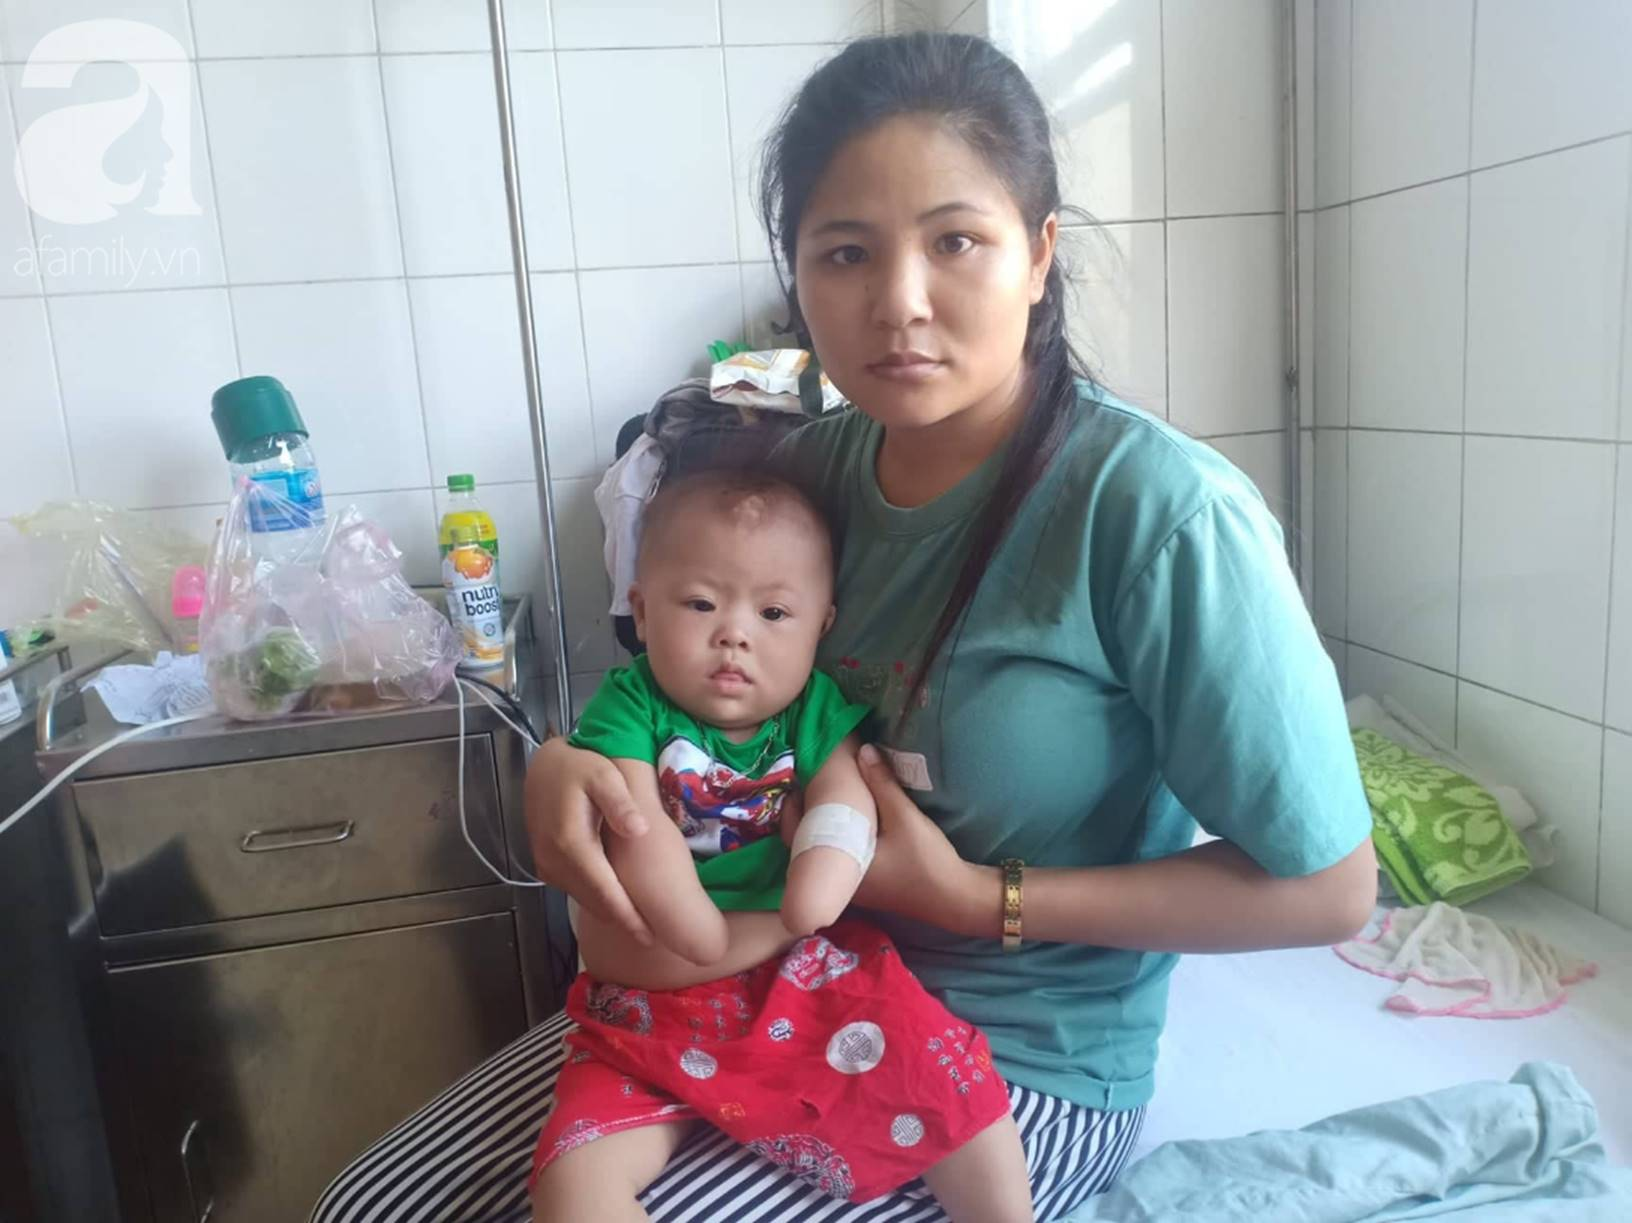 Tâm sự đau đớn của người mẹ khi sinh con trai không có 2 tay: Tôi đã sốc khi lần đầu nhìn thấy hình hài con mình-5